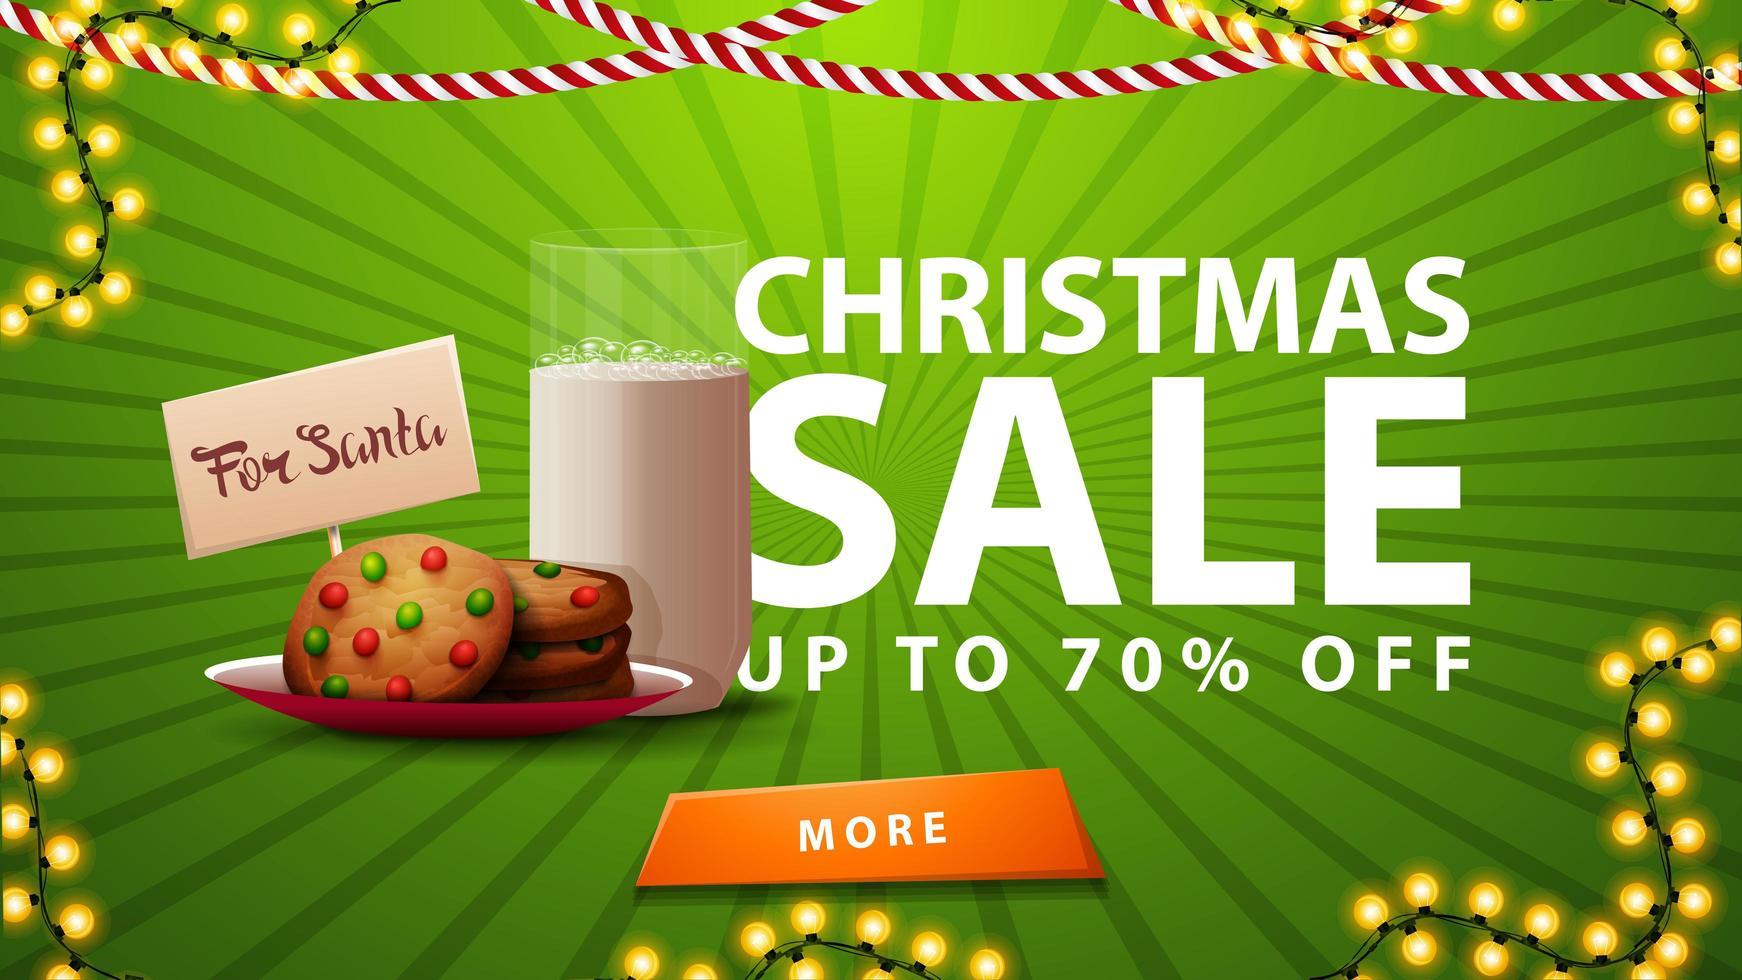 kerstuitverkoop, tot 70 korting, groene banner met slinger, knop en koekjes met een glas melk voor de kerstman vector